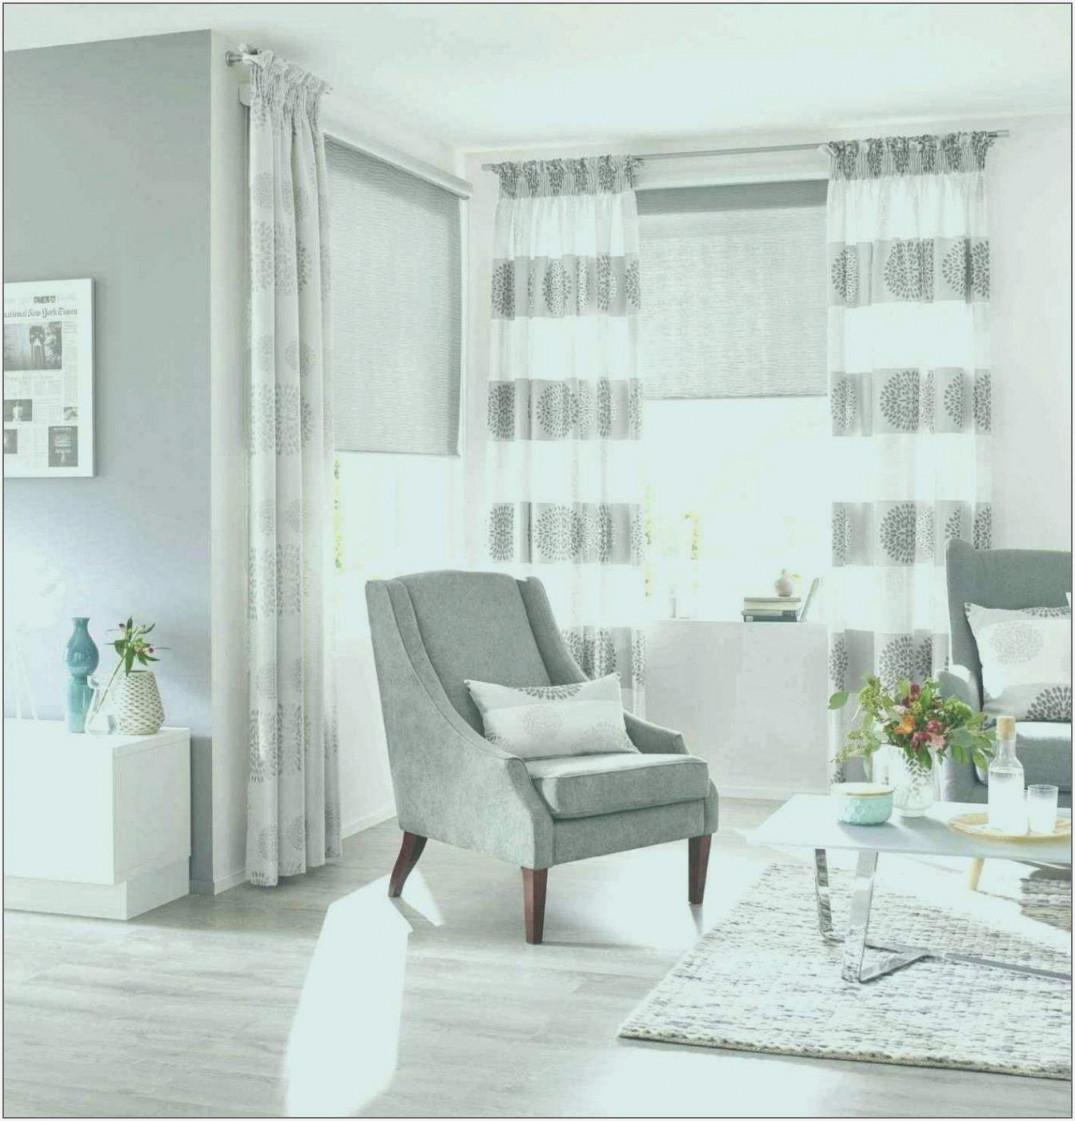 Fenstergestaltung Wohnzimmer Mit Bergardinen  Wohnzimmer von Fenstergestaltung Wohnzimmer Ideen Bild